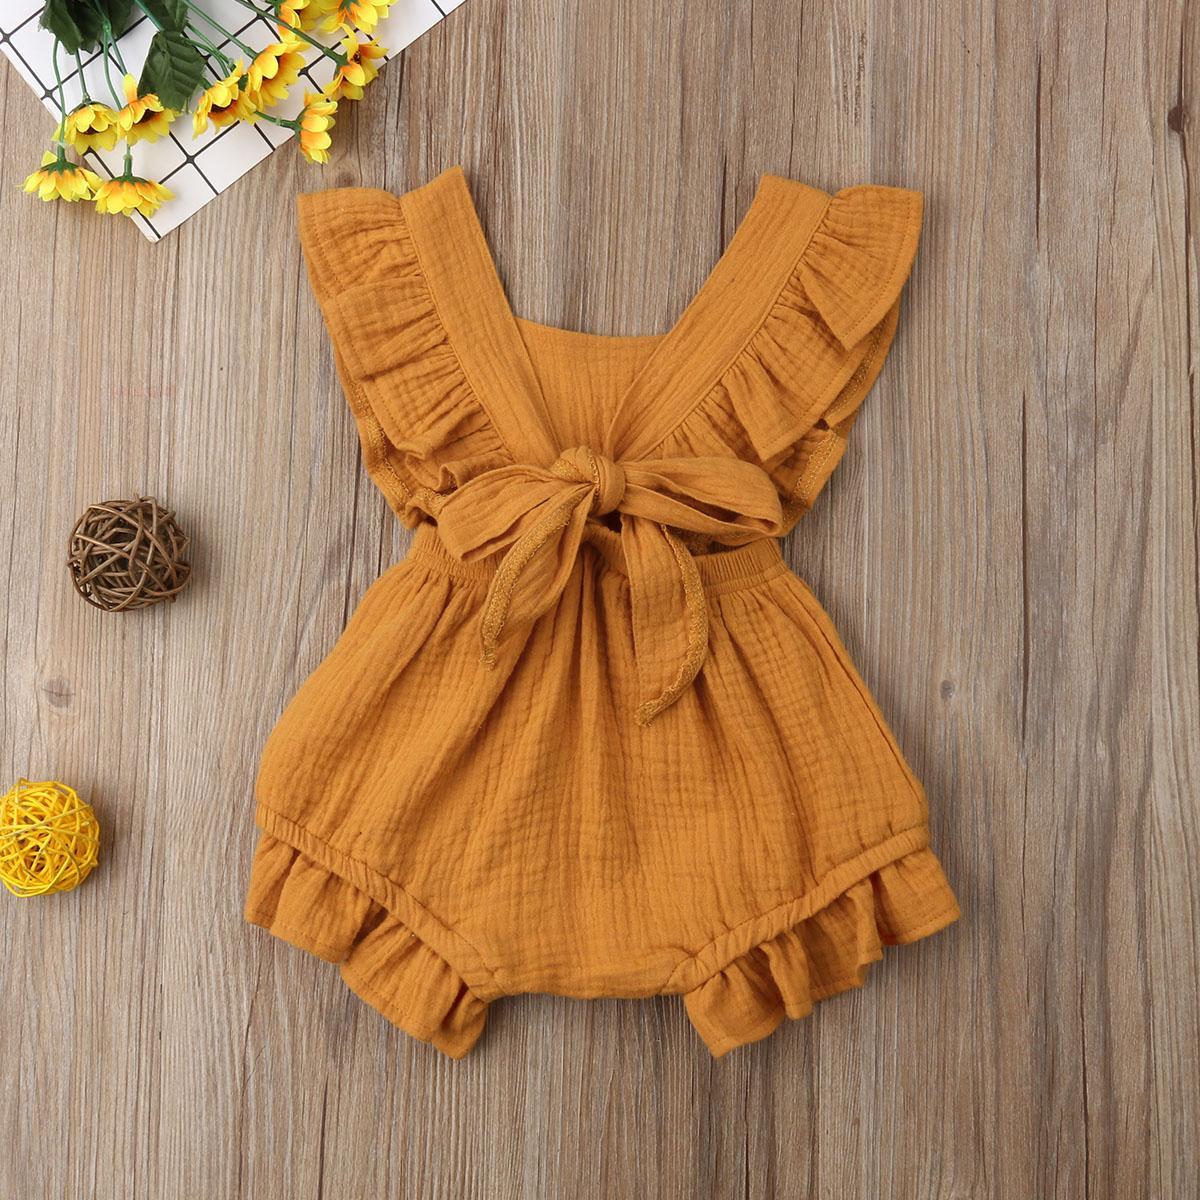 2019 Nuovo neonato neonate Ruffle pagliaccetti delle Un-Parti dei vestiti da estate della neonata maniche pagliaccetto tuta prendisole